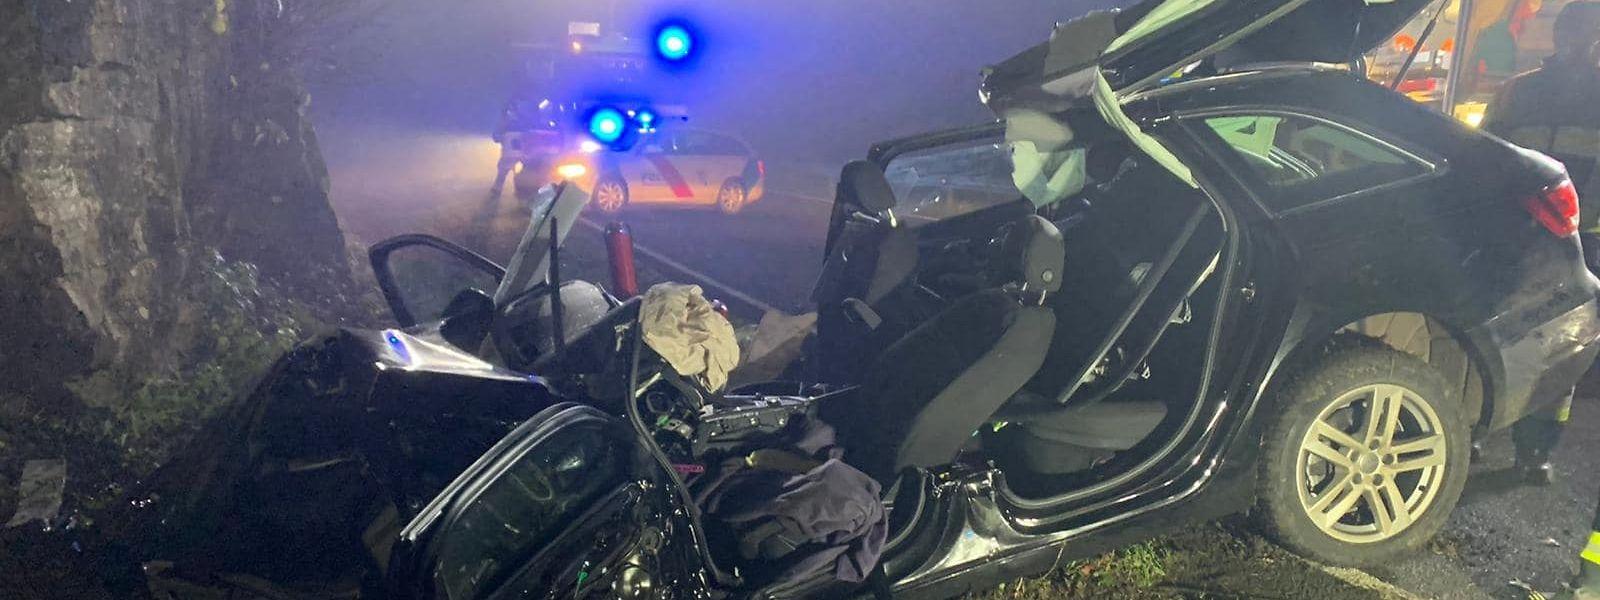 Der Wagen wurde bei dem Unfall komplett zerstört.